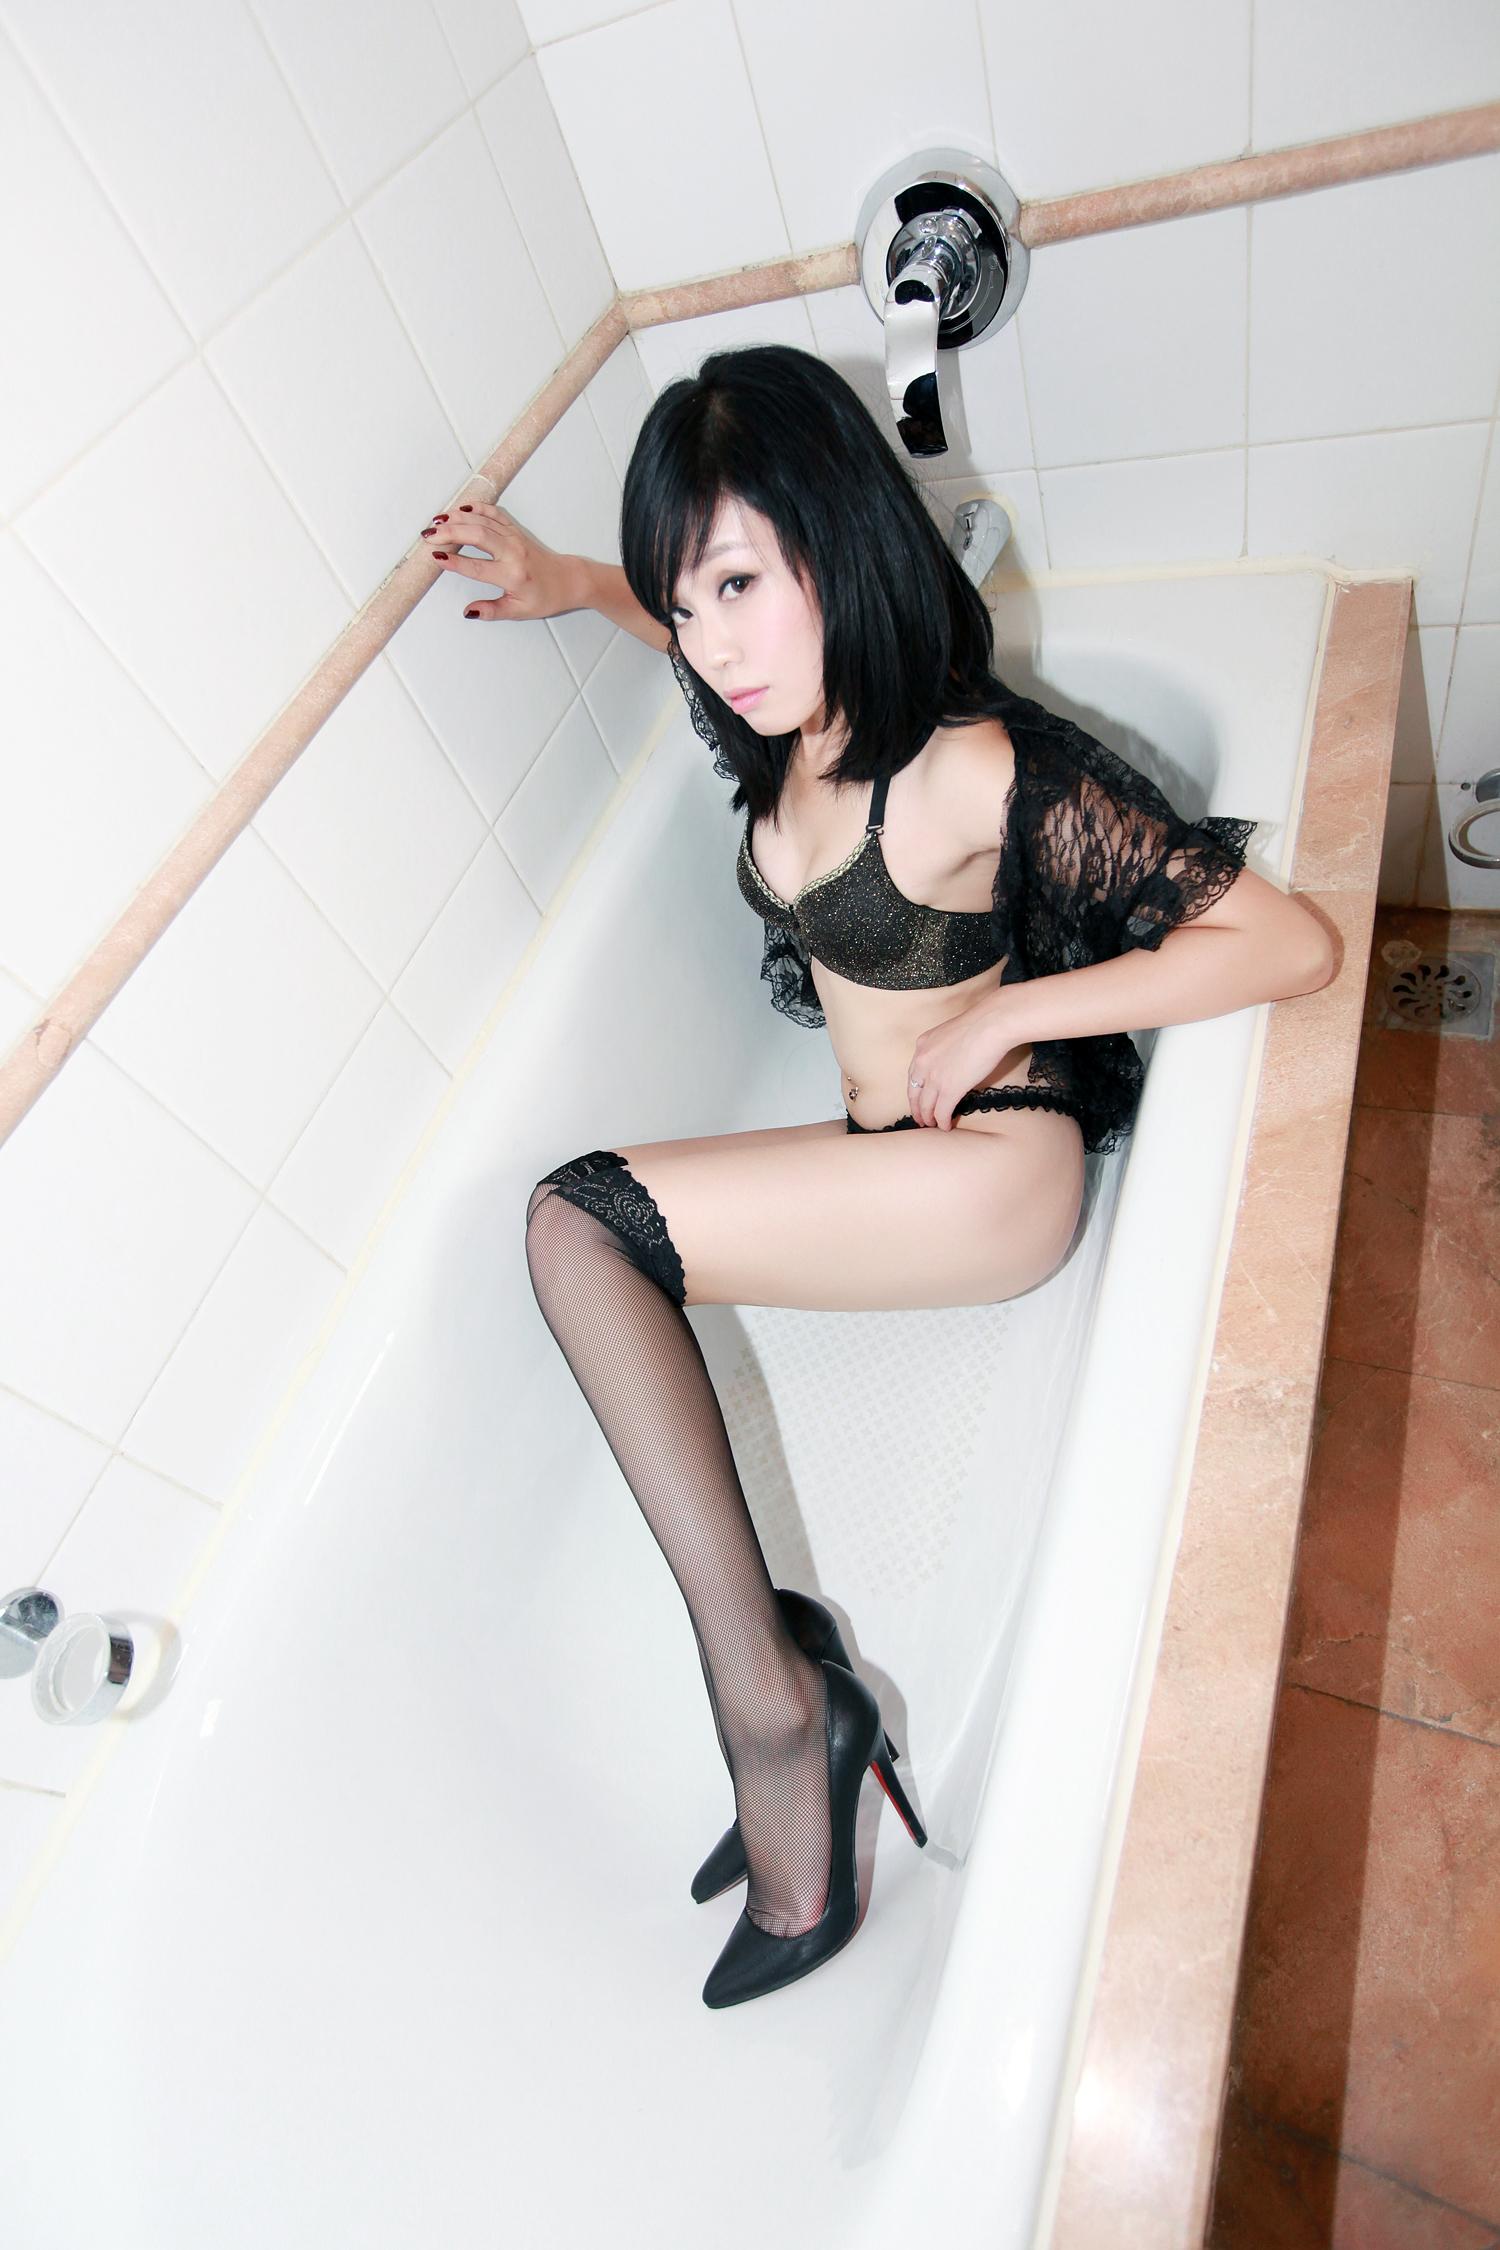 浴室黑絲  [10P]